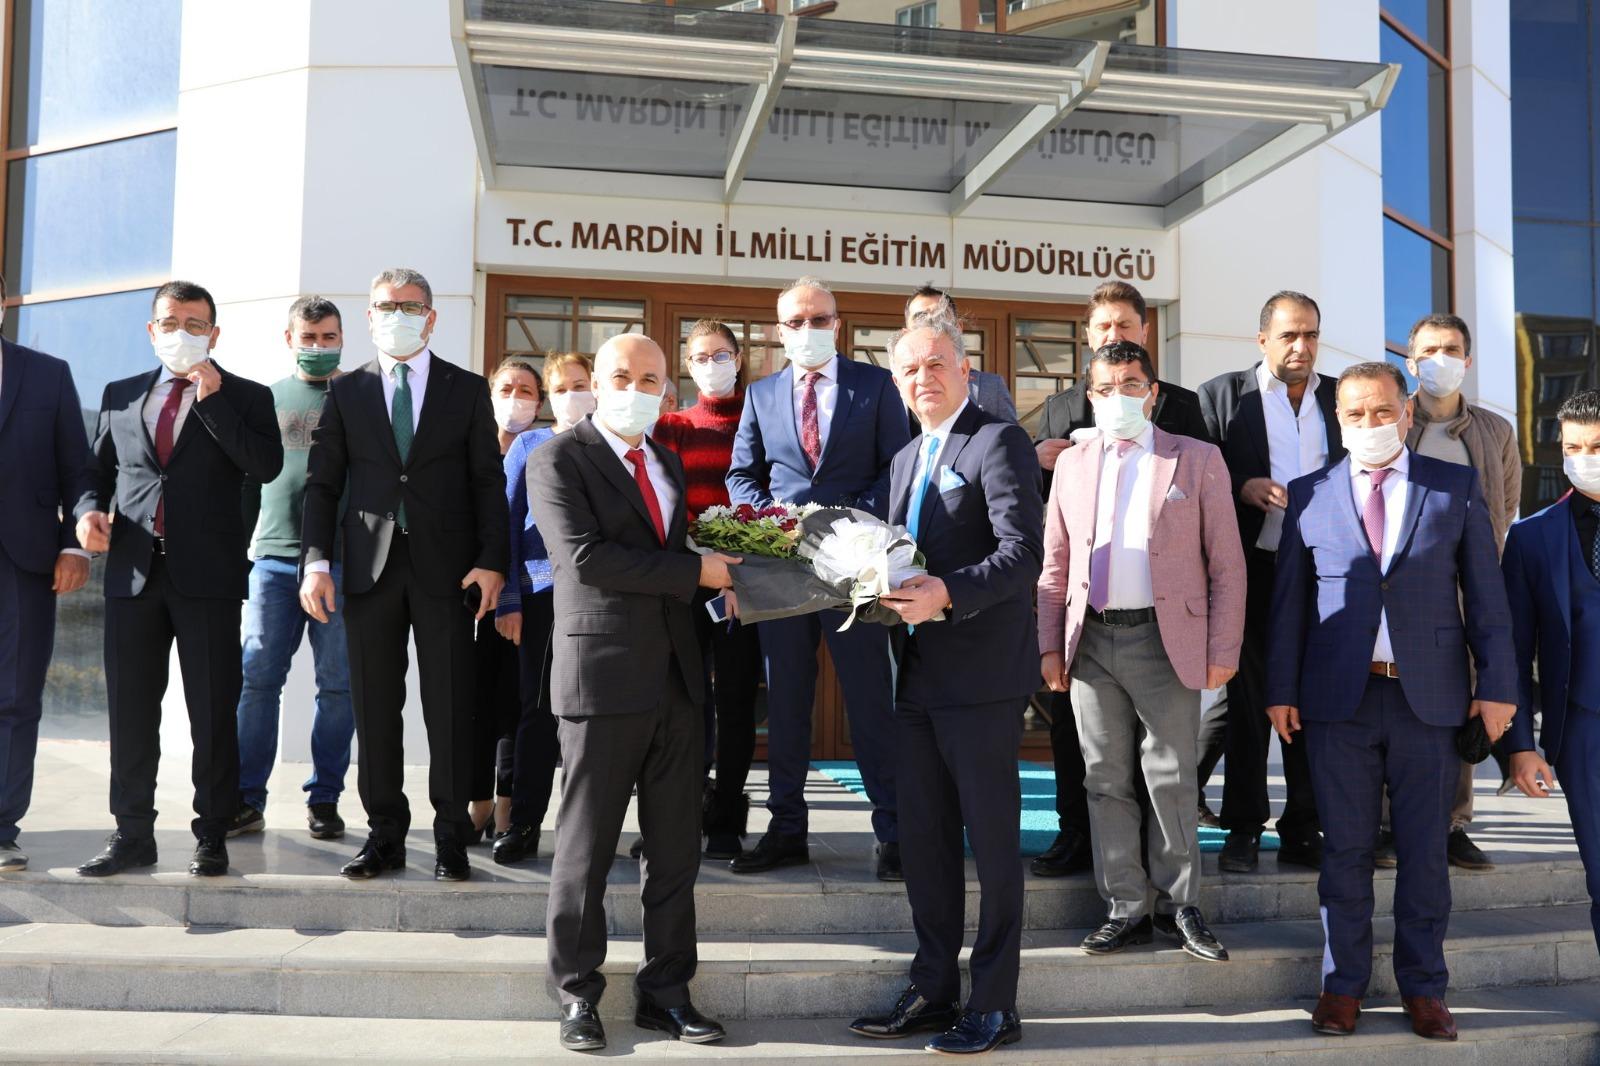 Mardin'in Yeni İl Milli Eğitim Müdürü Göreve Başladı